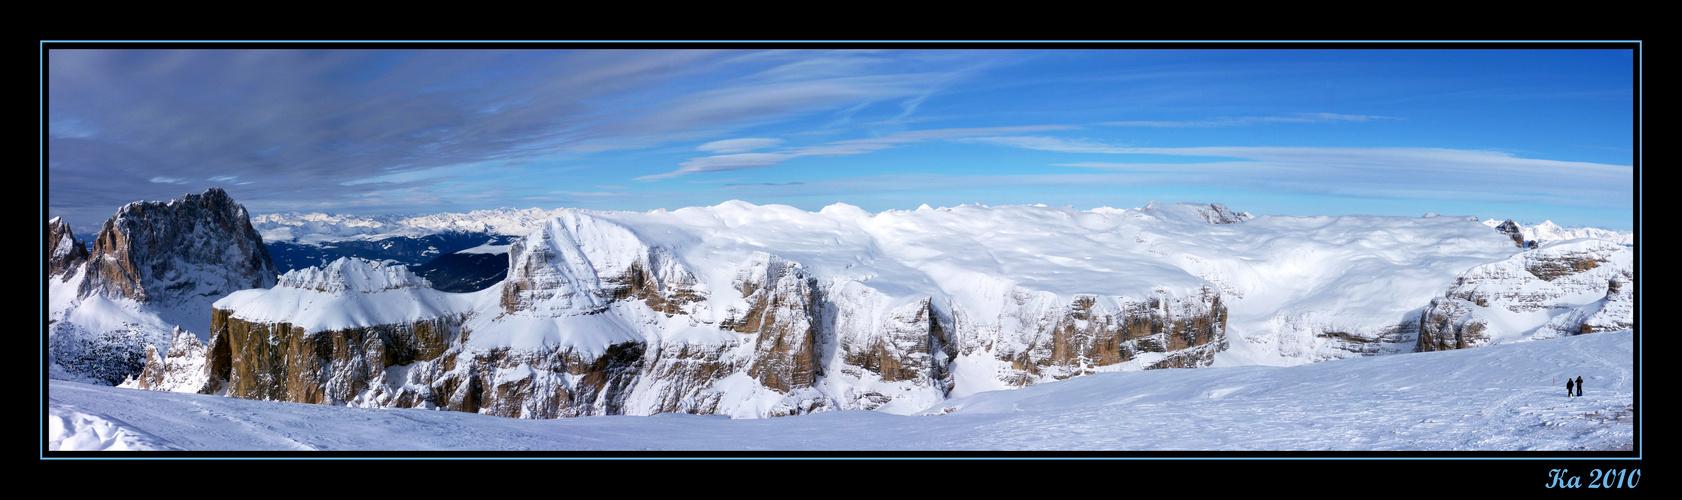 La Terrazza delle Dolomiti Foto % Immagini| paesaggi, formato ...